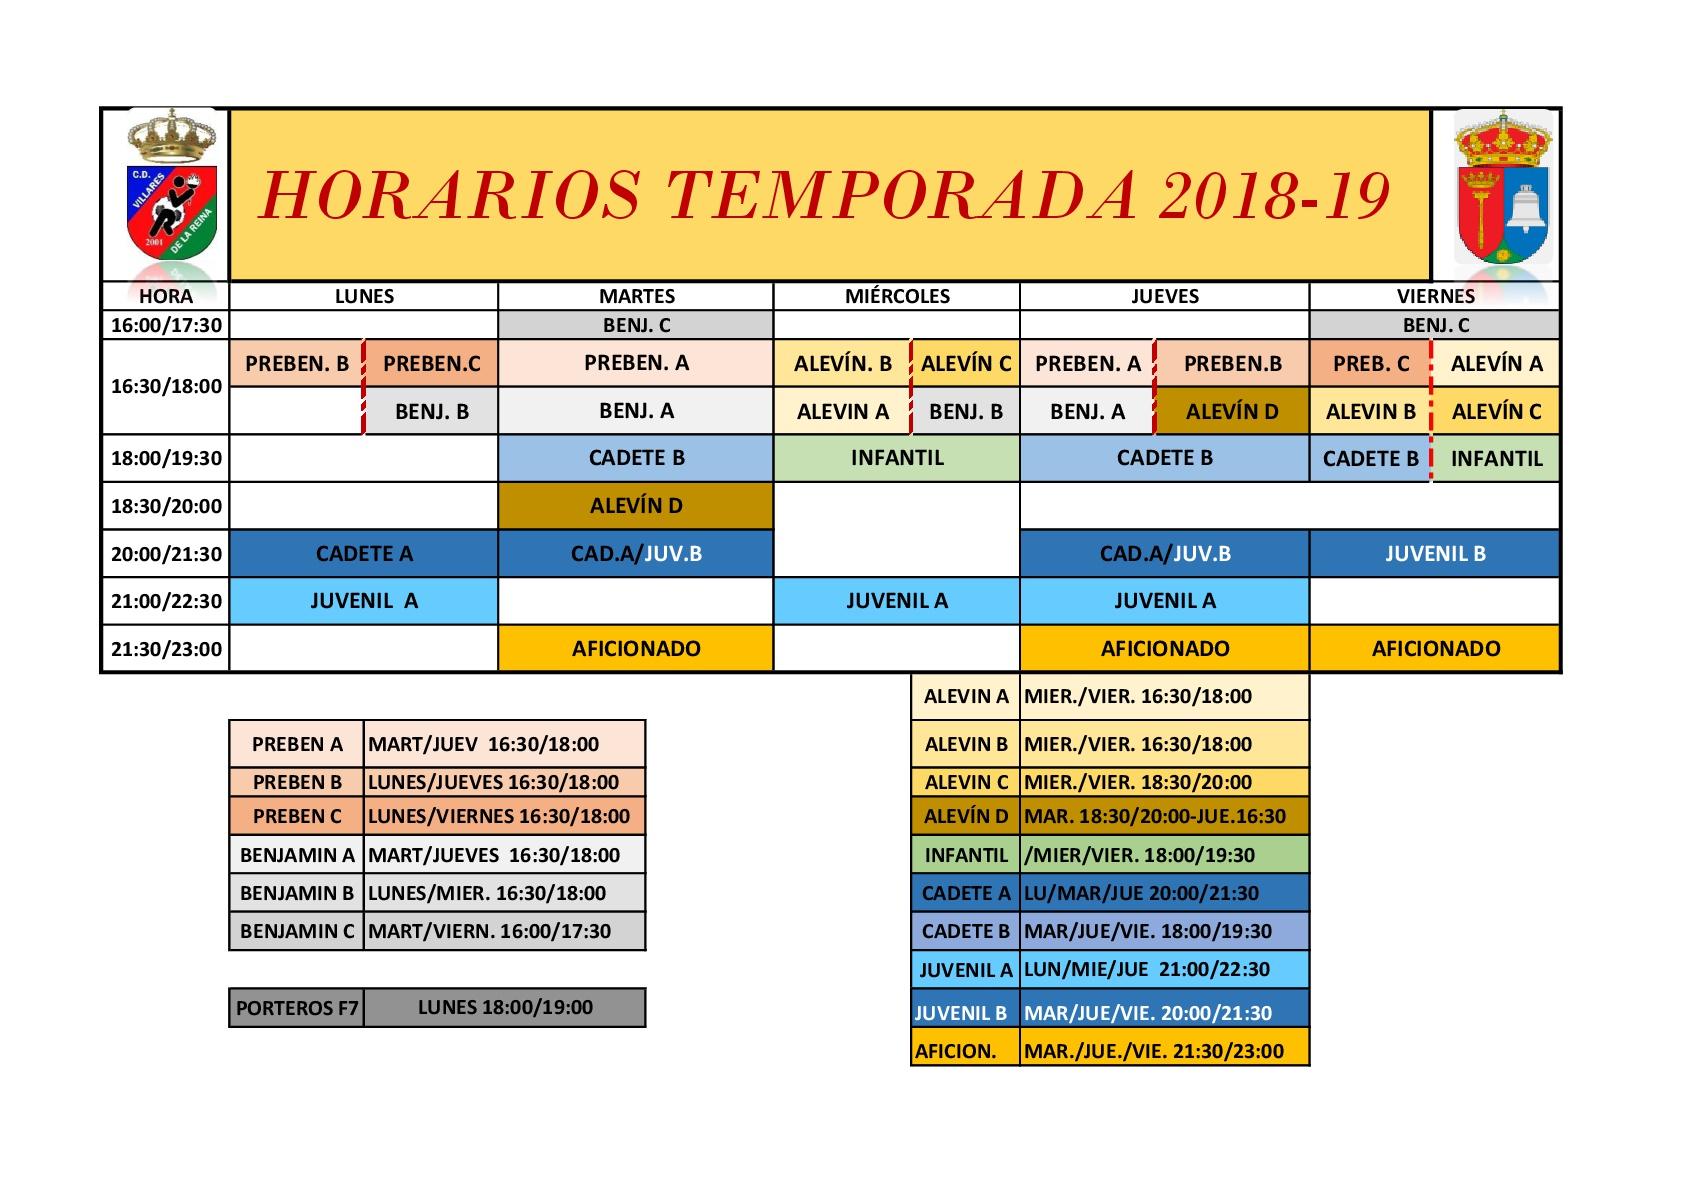 HORARIOS TEMPORADA 2018-19